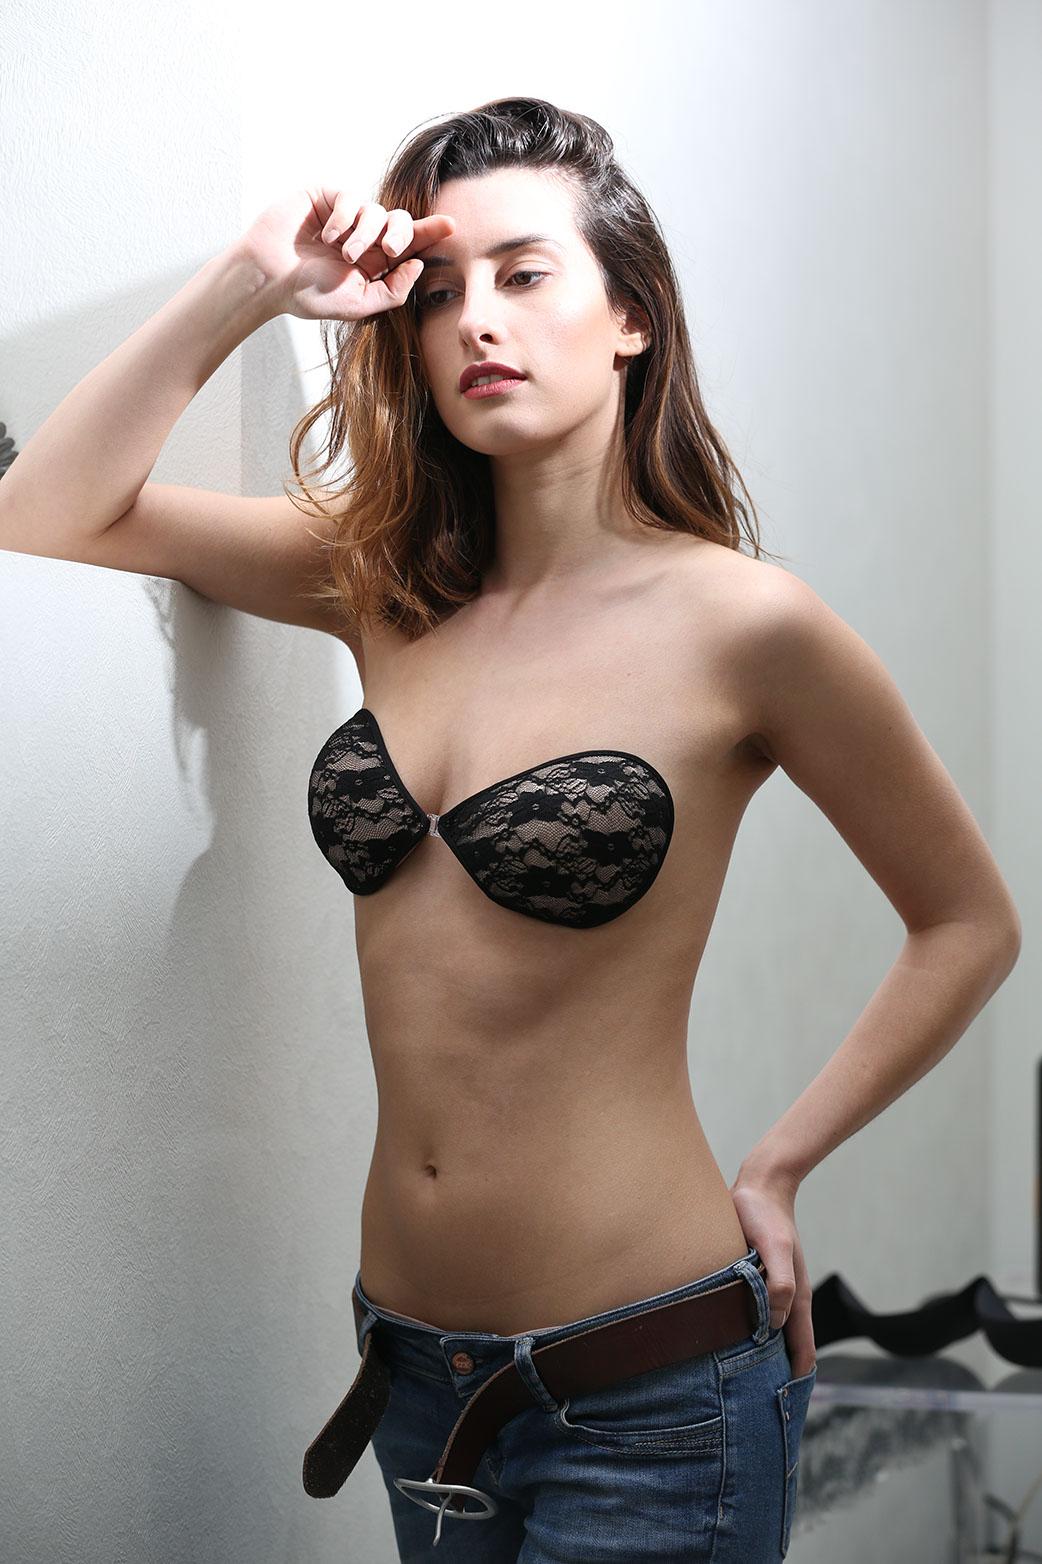 1da5854f8ffc8 [:fr]Soutien-gorge adhésif - Coques dentelle[:en]Black lace adhesive bra[:]